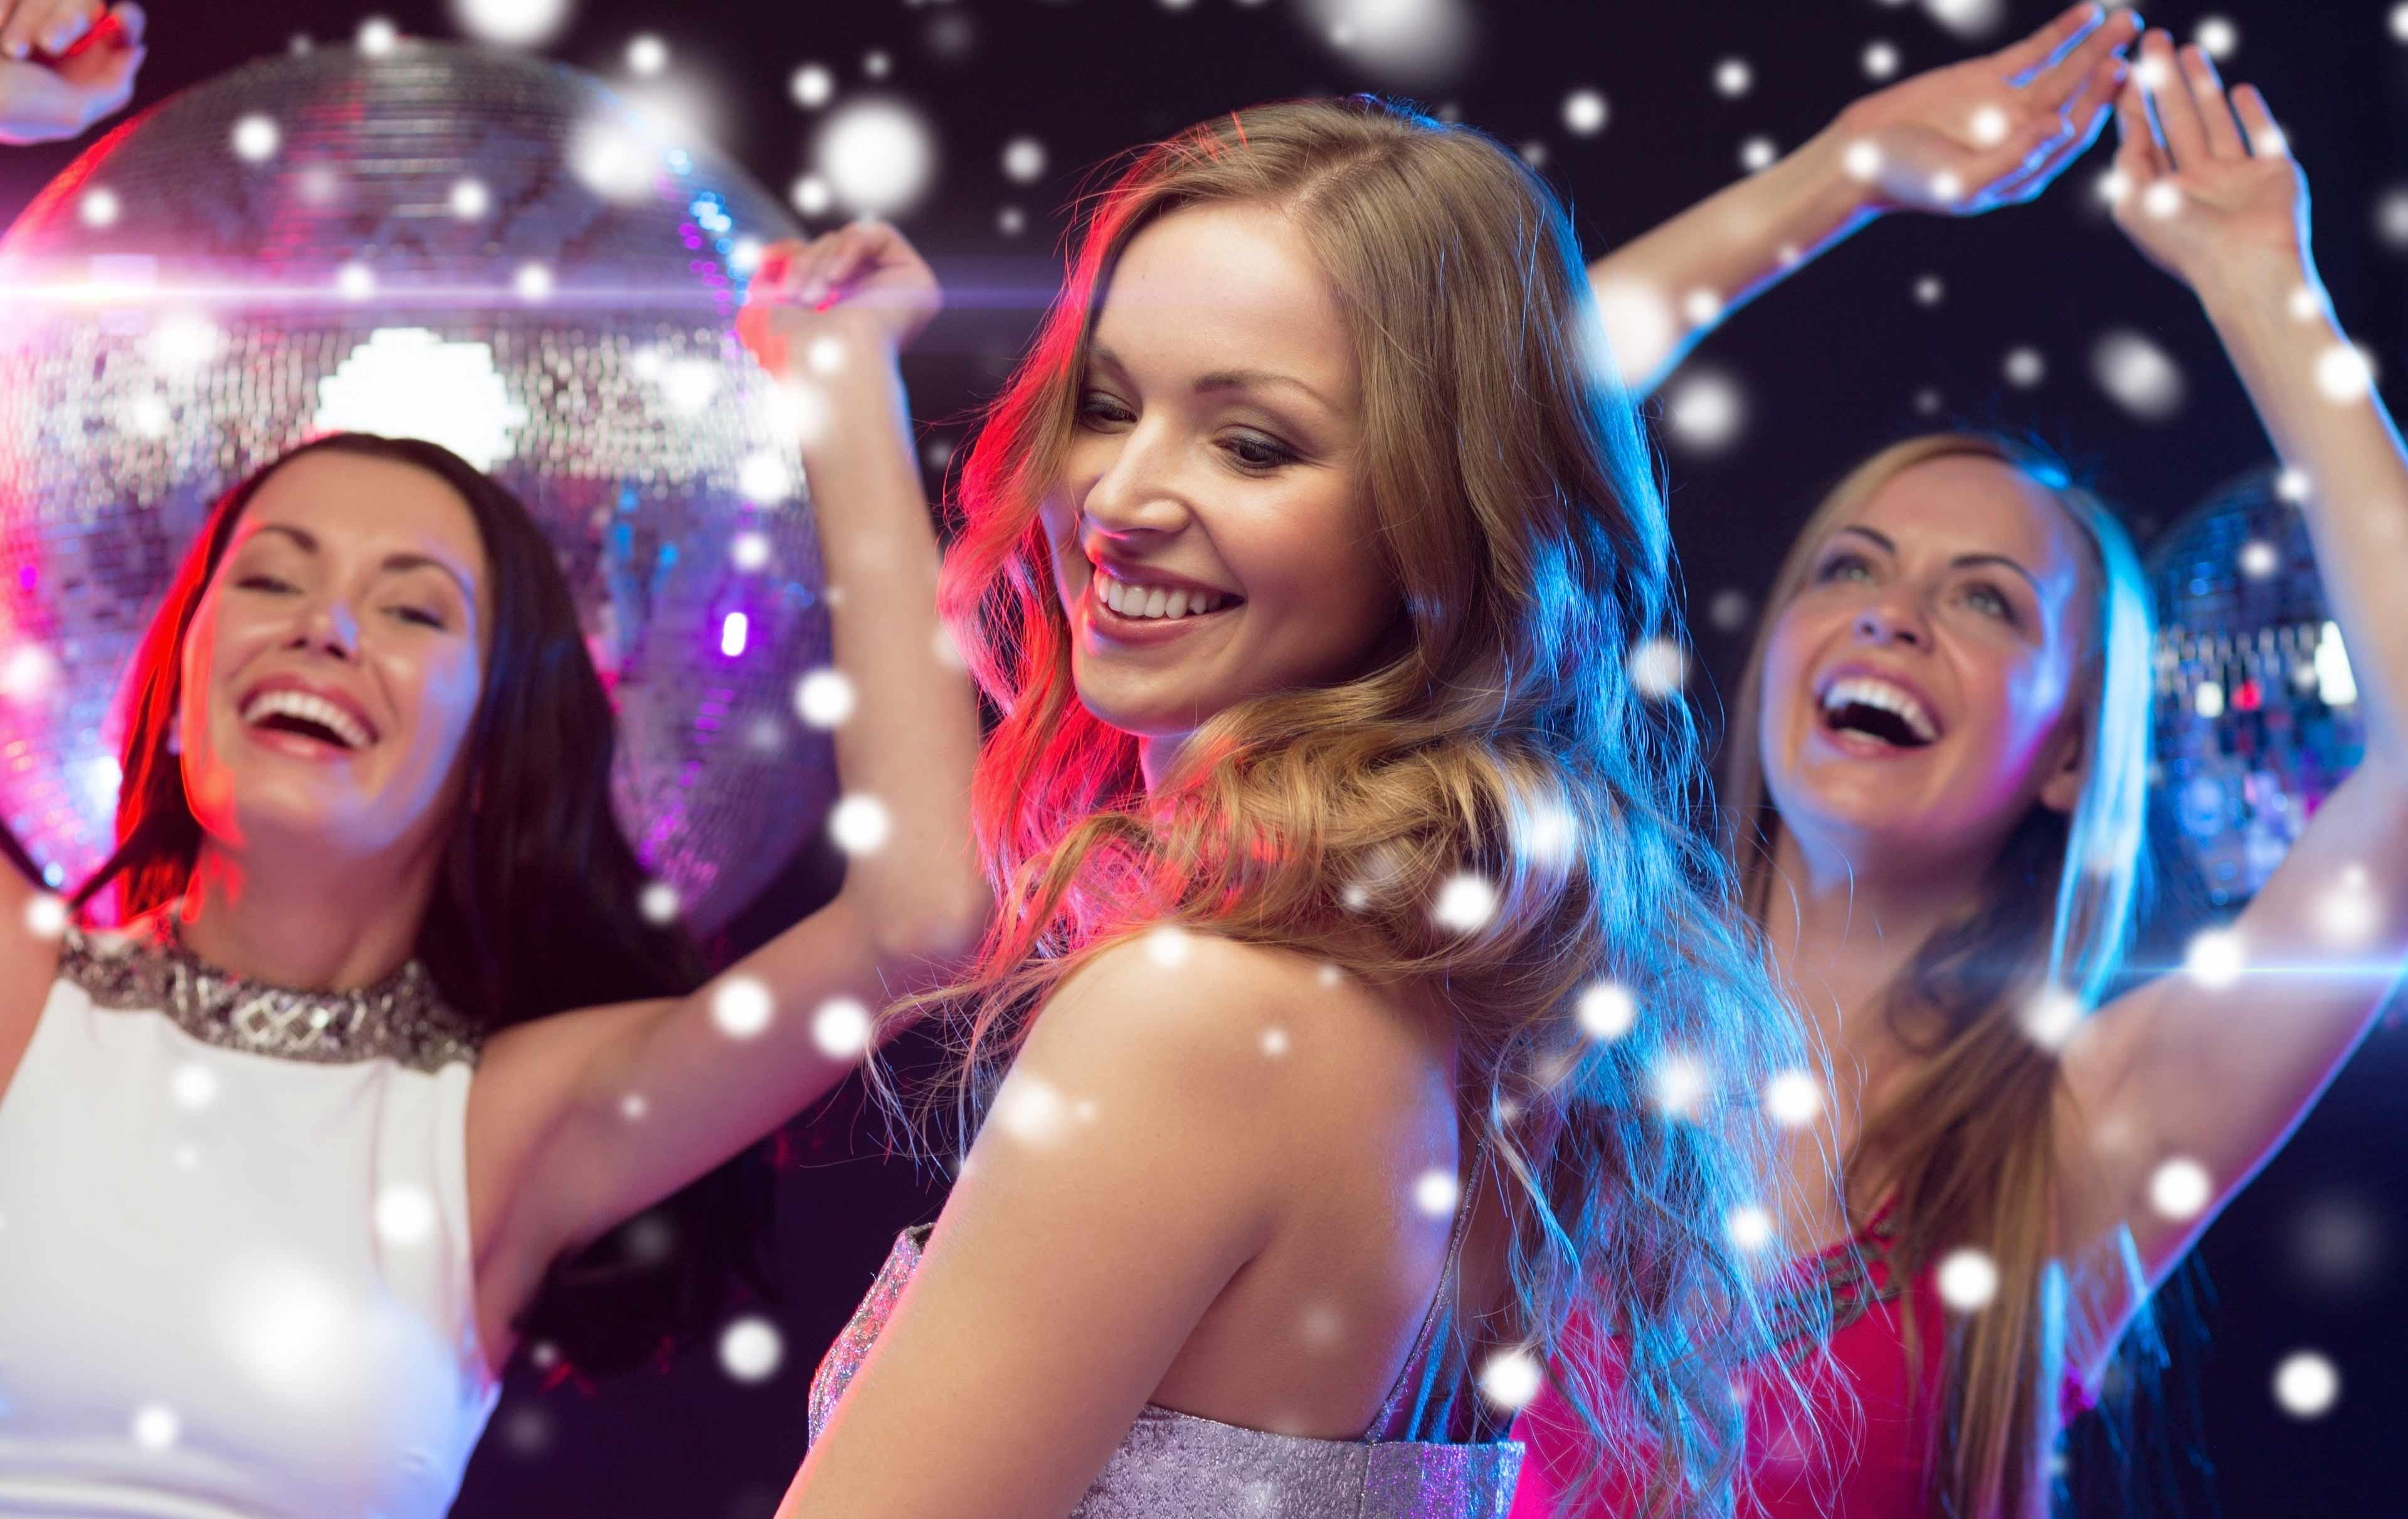 Как танцевать на корпоративе женщине 40 лет